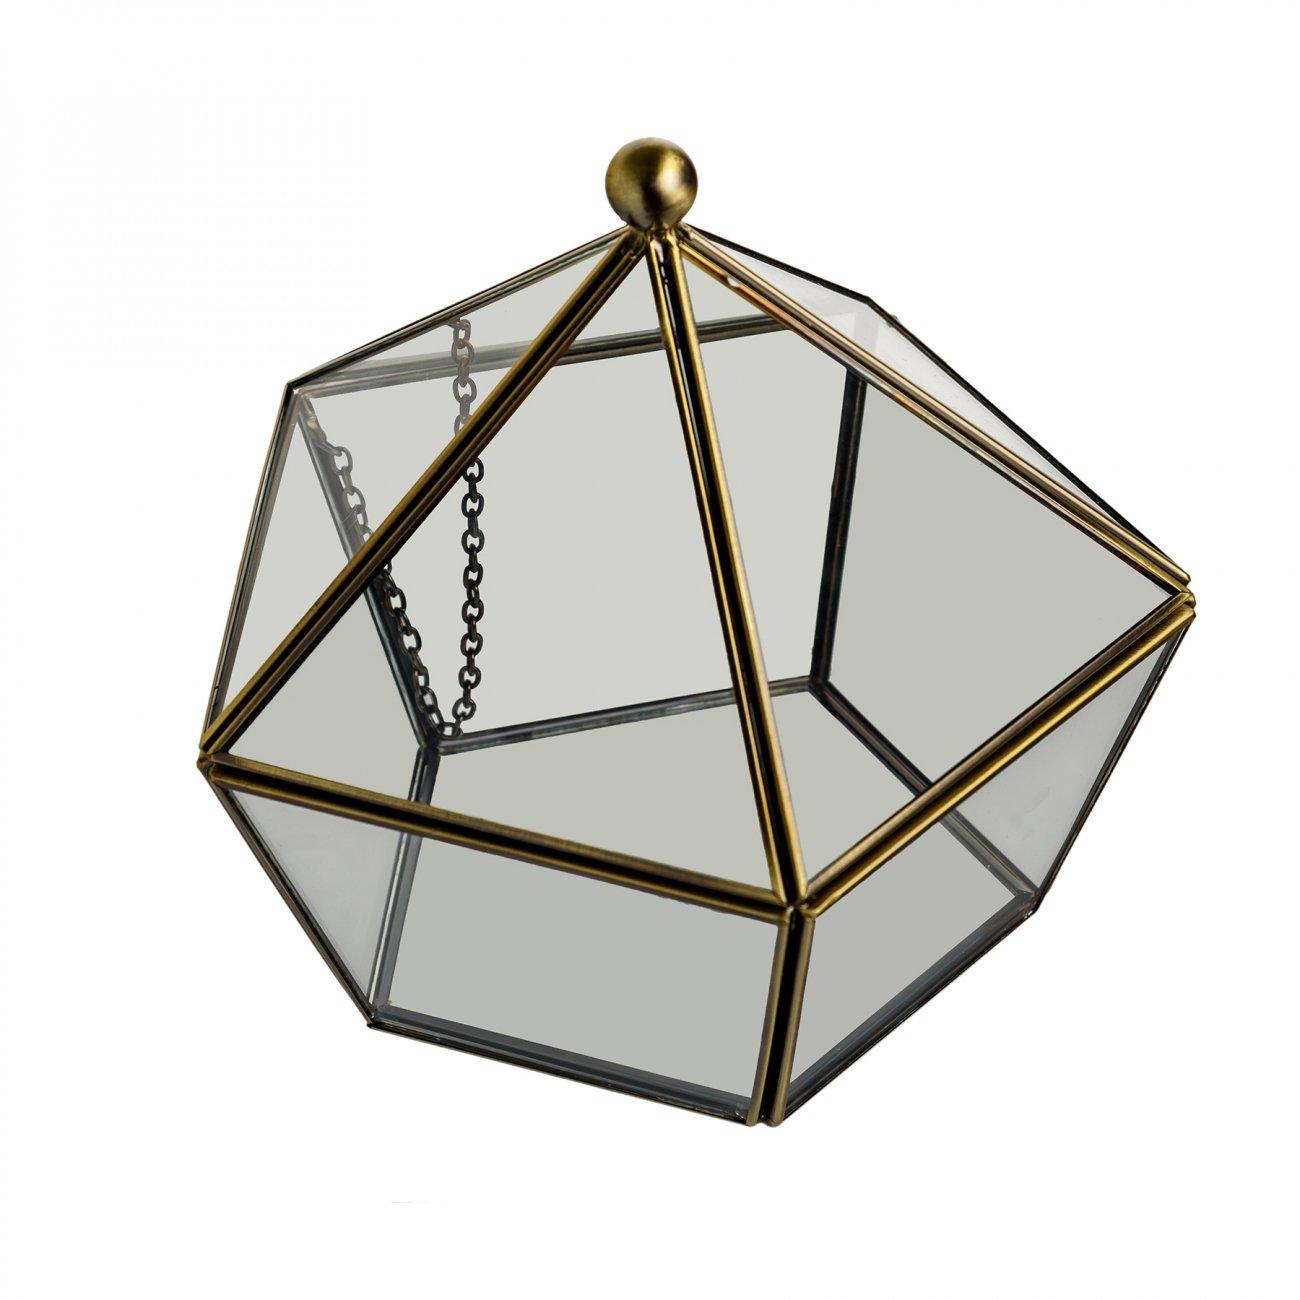 Купить Флорариум стеклянный в винтажном стиле Diamond Shape в интернет магазине дизайнерской мебели и аксессуаров для дома и дачи